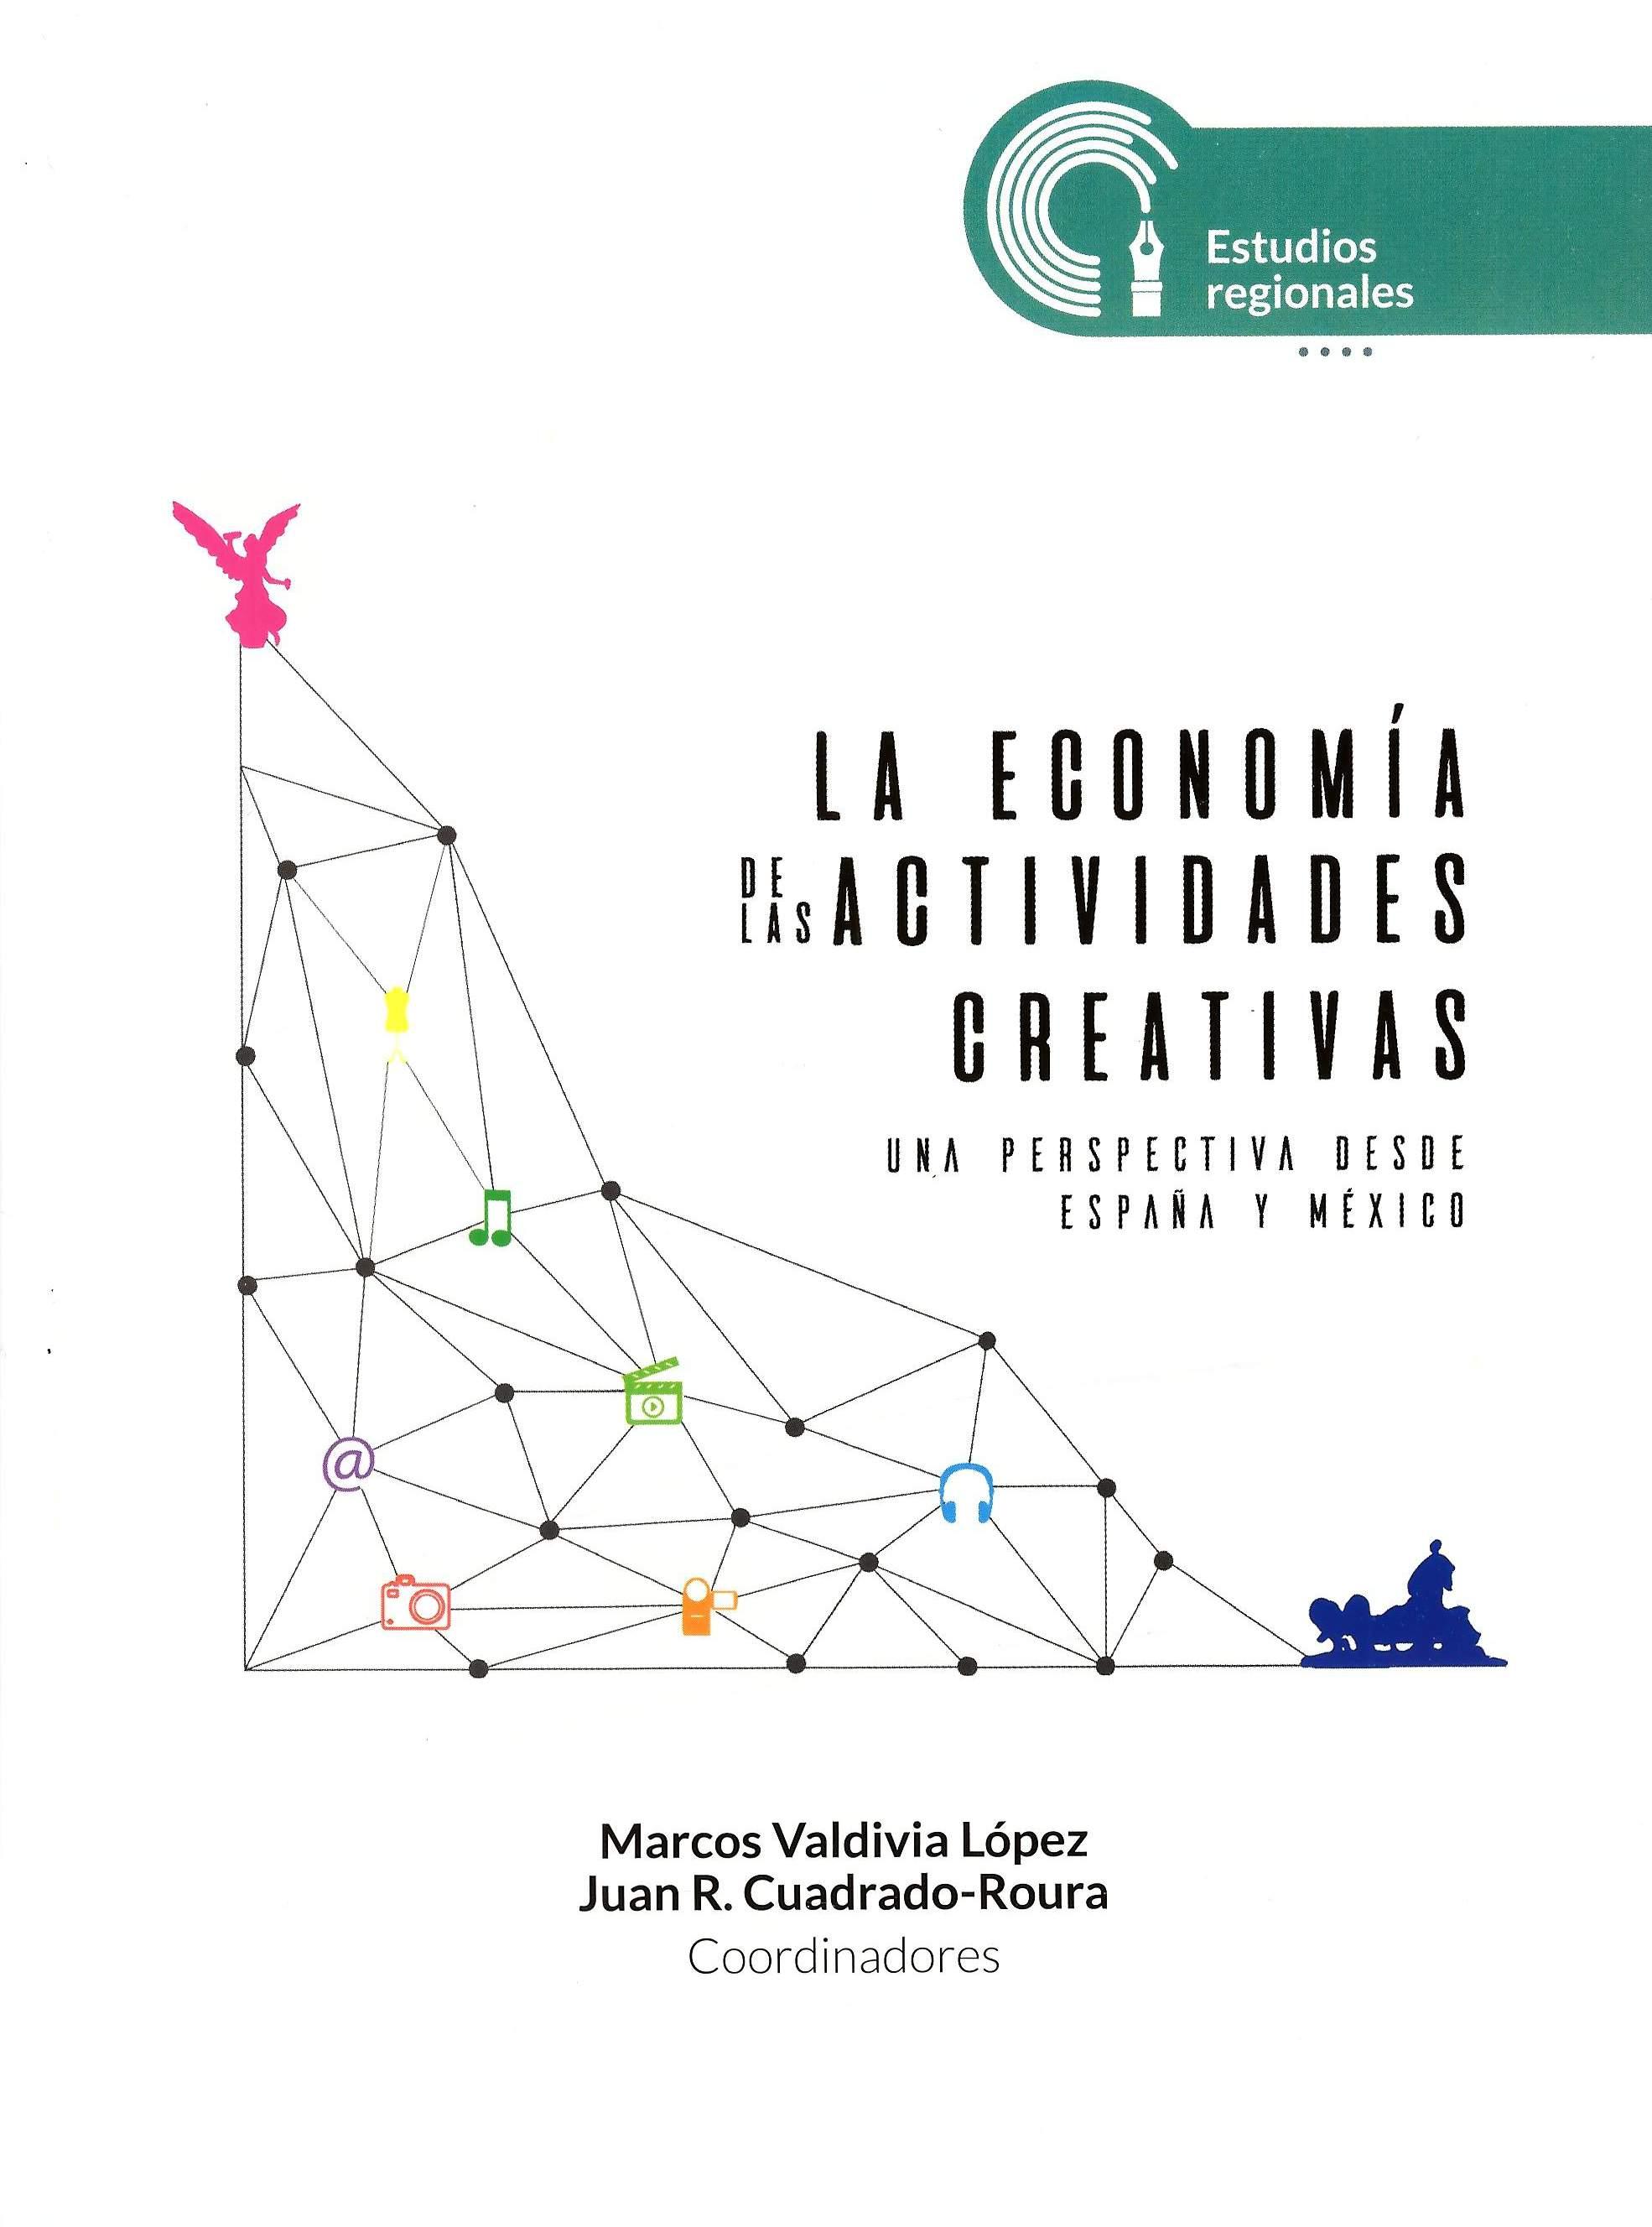 La economía de las actividades creativas: una perspectiva desde España y México